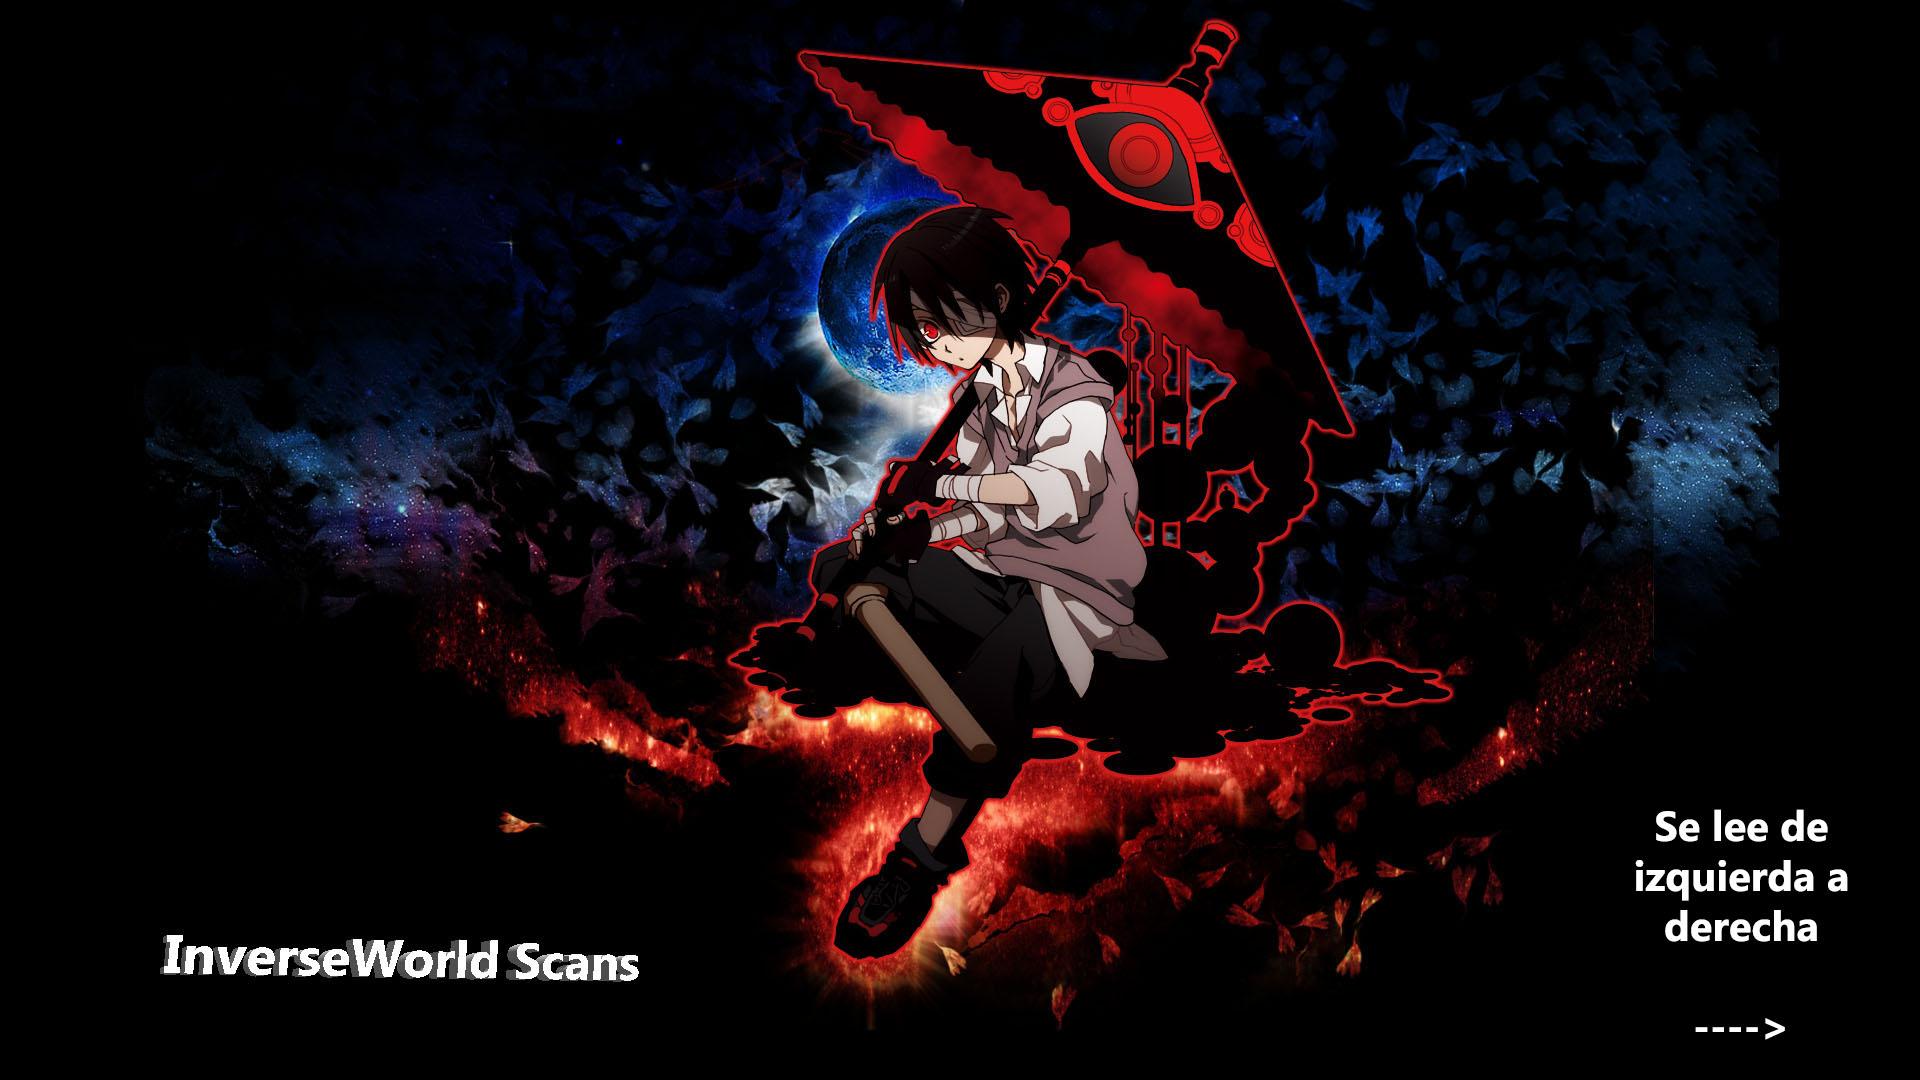 http://c5.ninemanga.com/es_manga/18/16210/415335/6199aeedca858640feb68a0b16c4cd8f.jpg Page 2